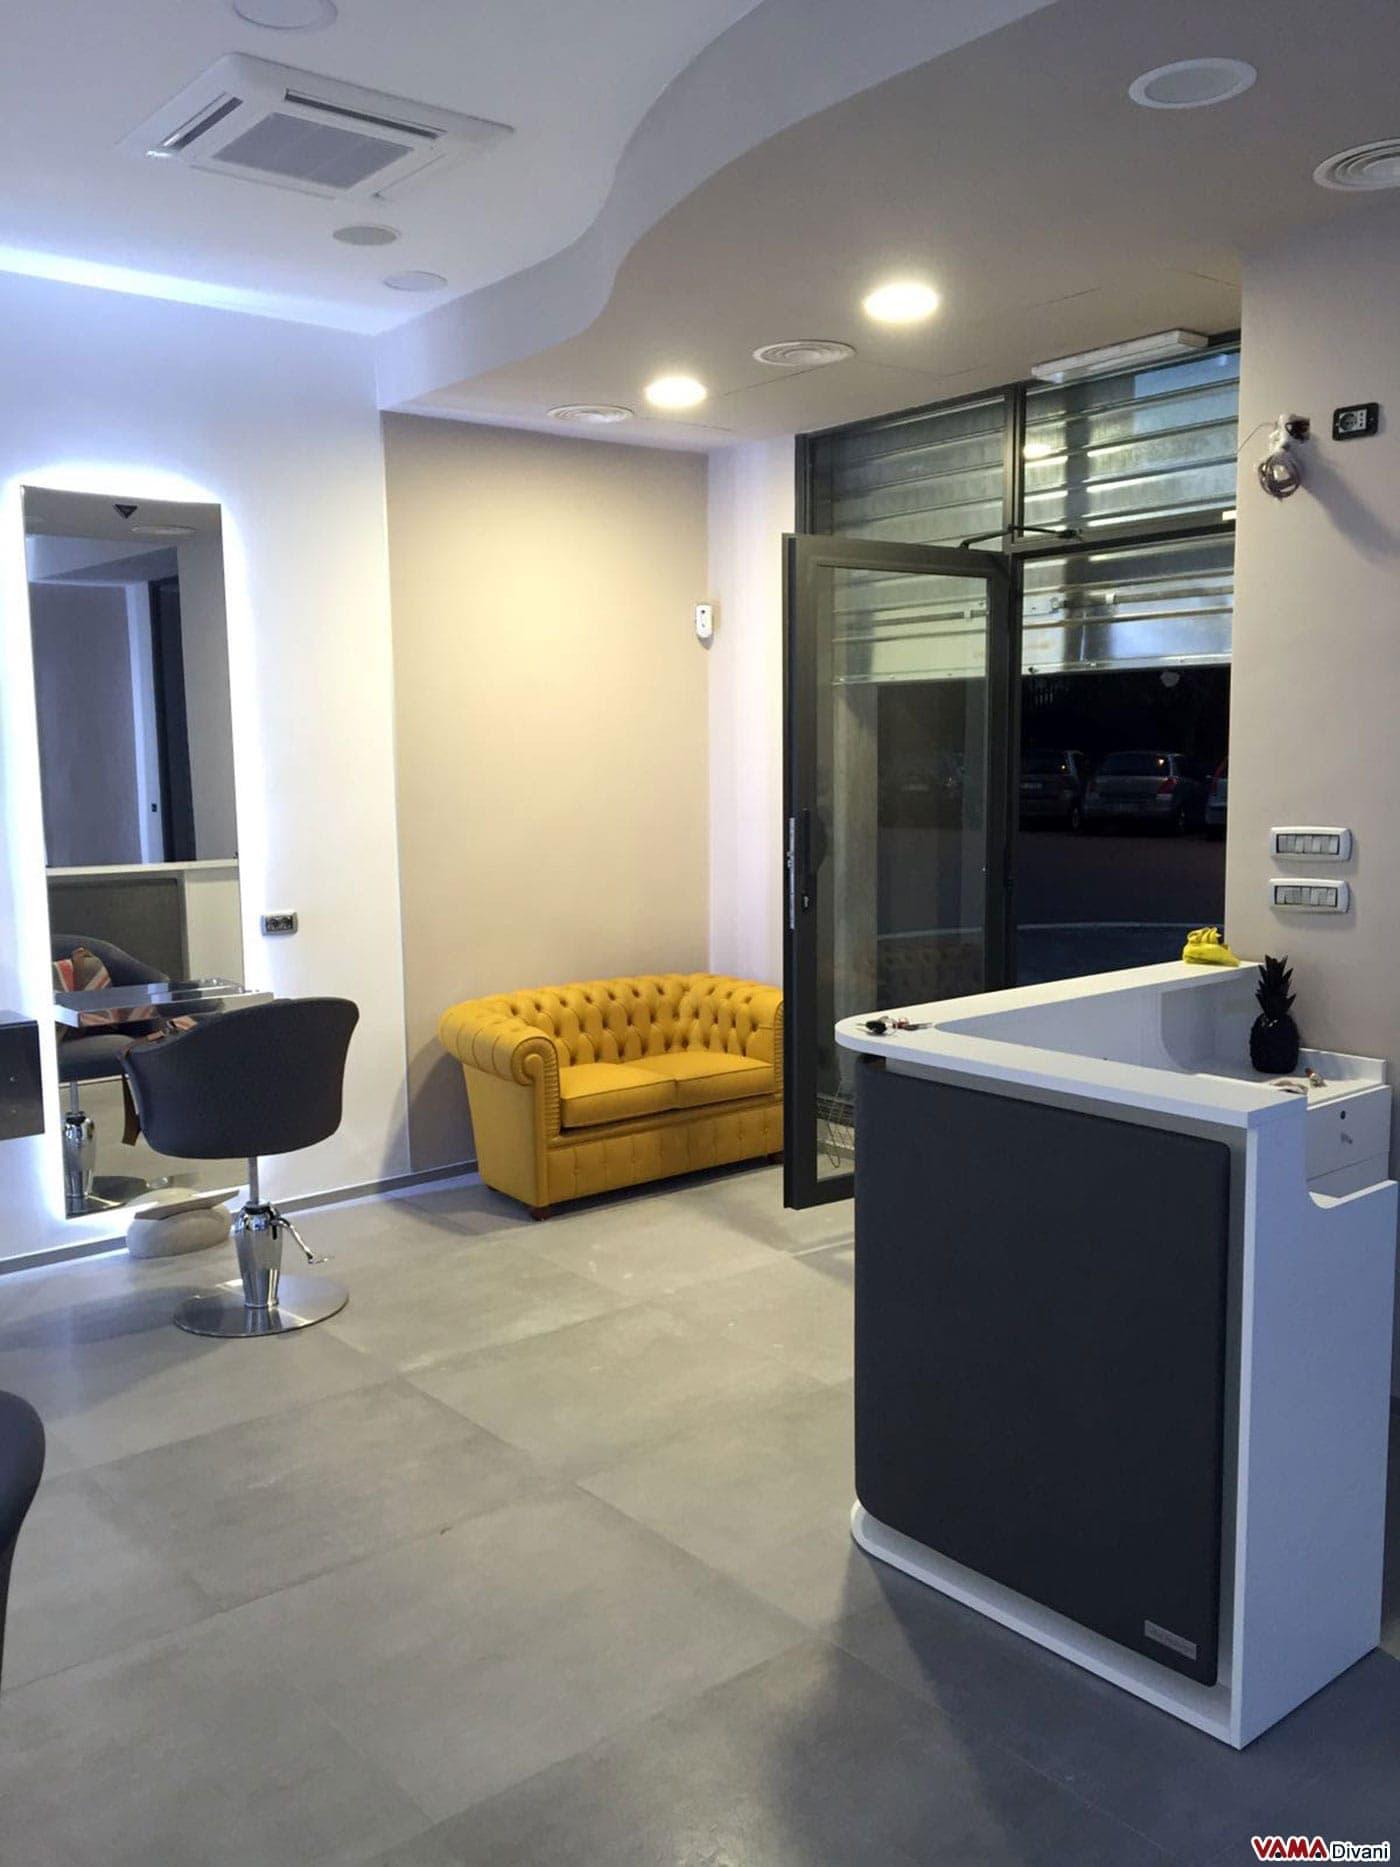 Negozio divani roma top negozio roma divani in stile for Binacci arredamenti outlet